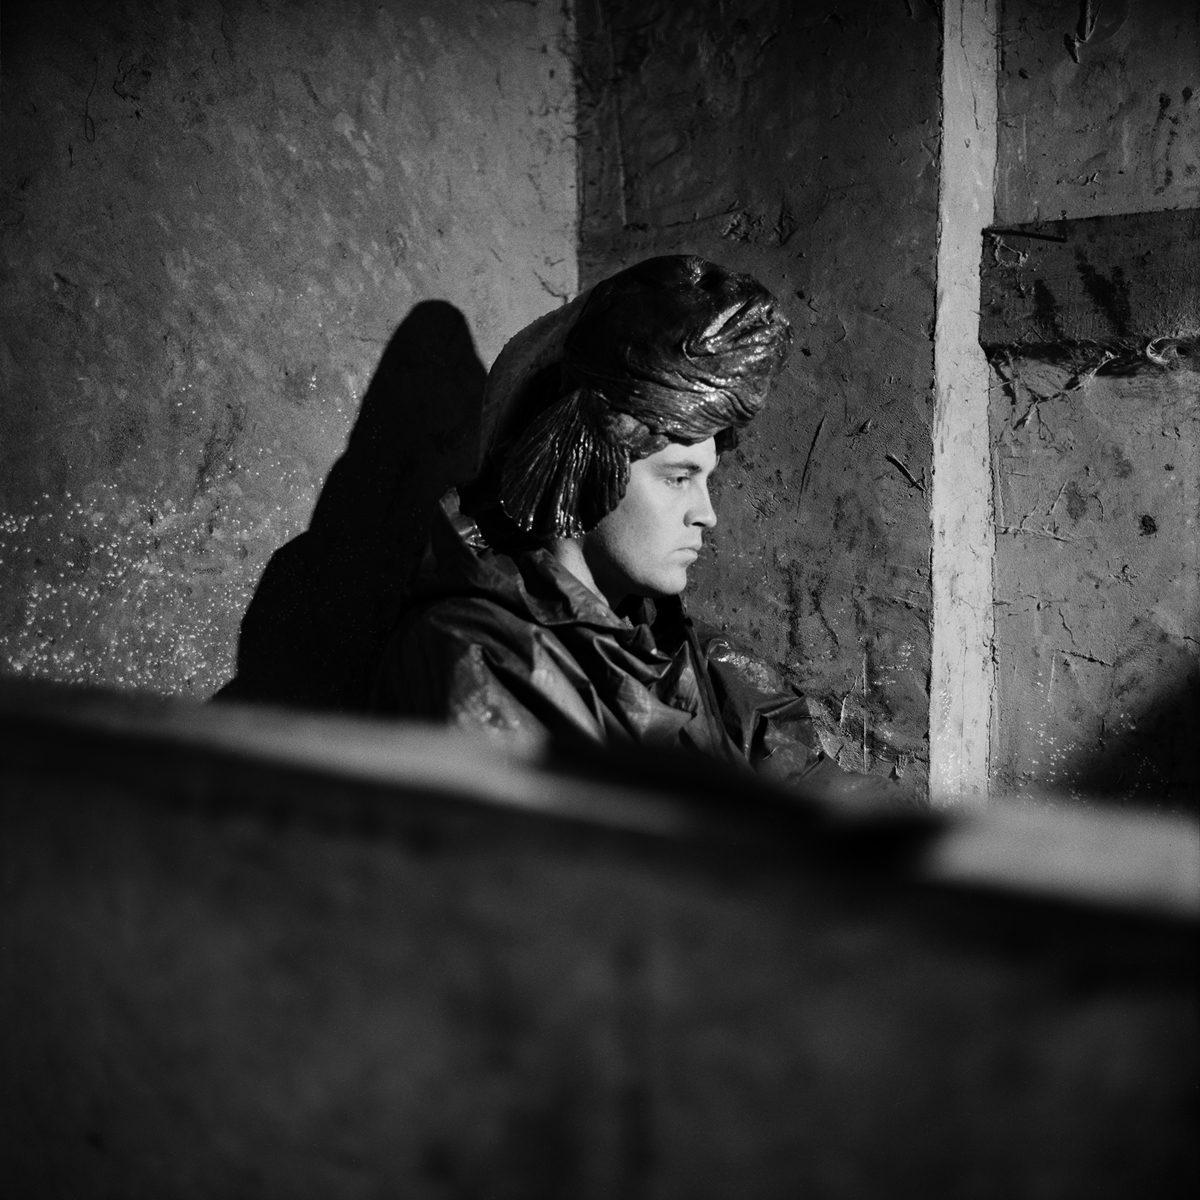 [EXHIBITION] Lewis Elegies by Mhairi Lewis & Calum Angus MacKay